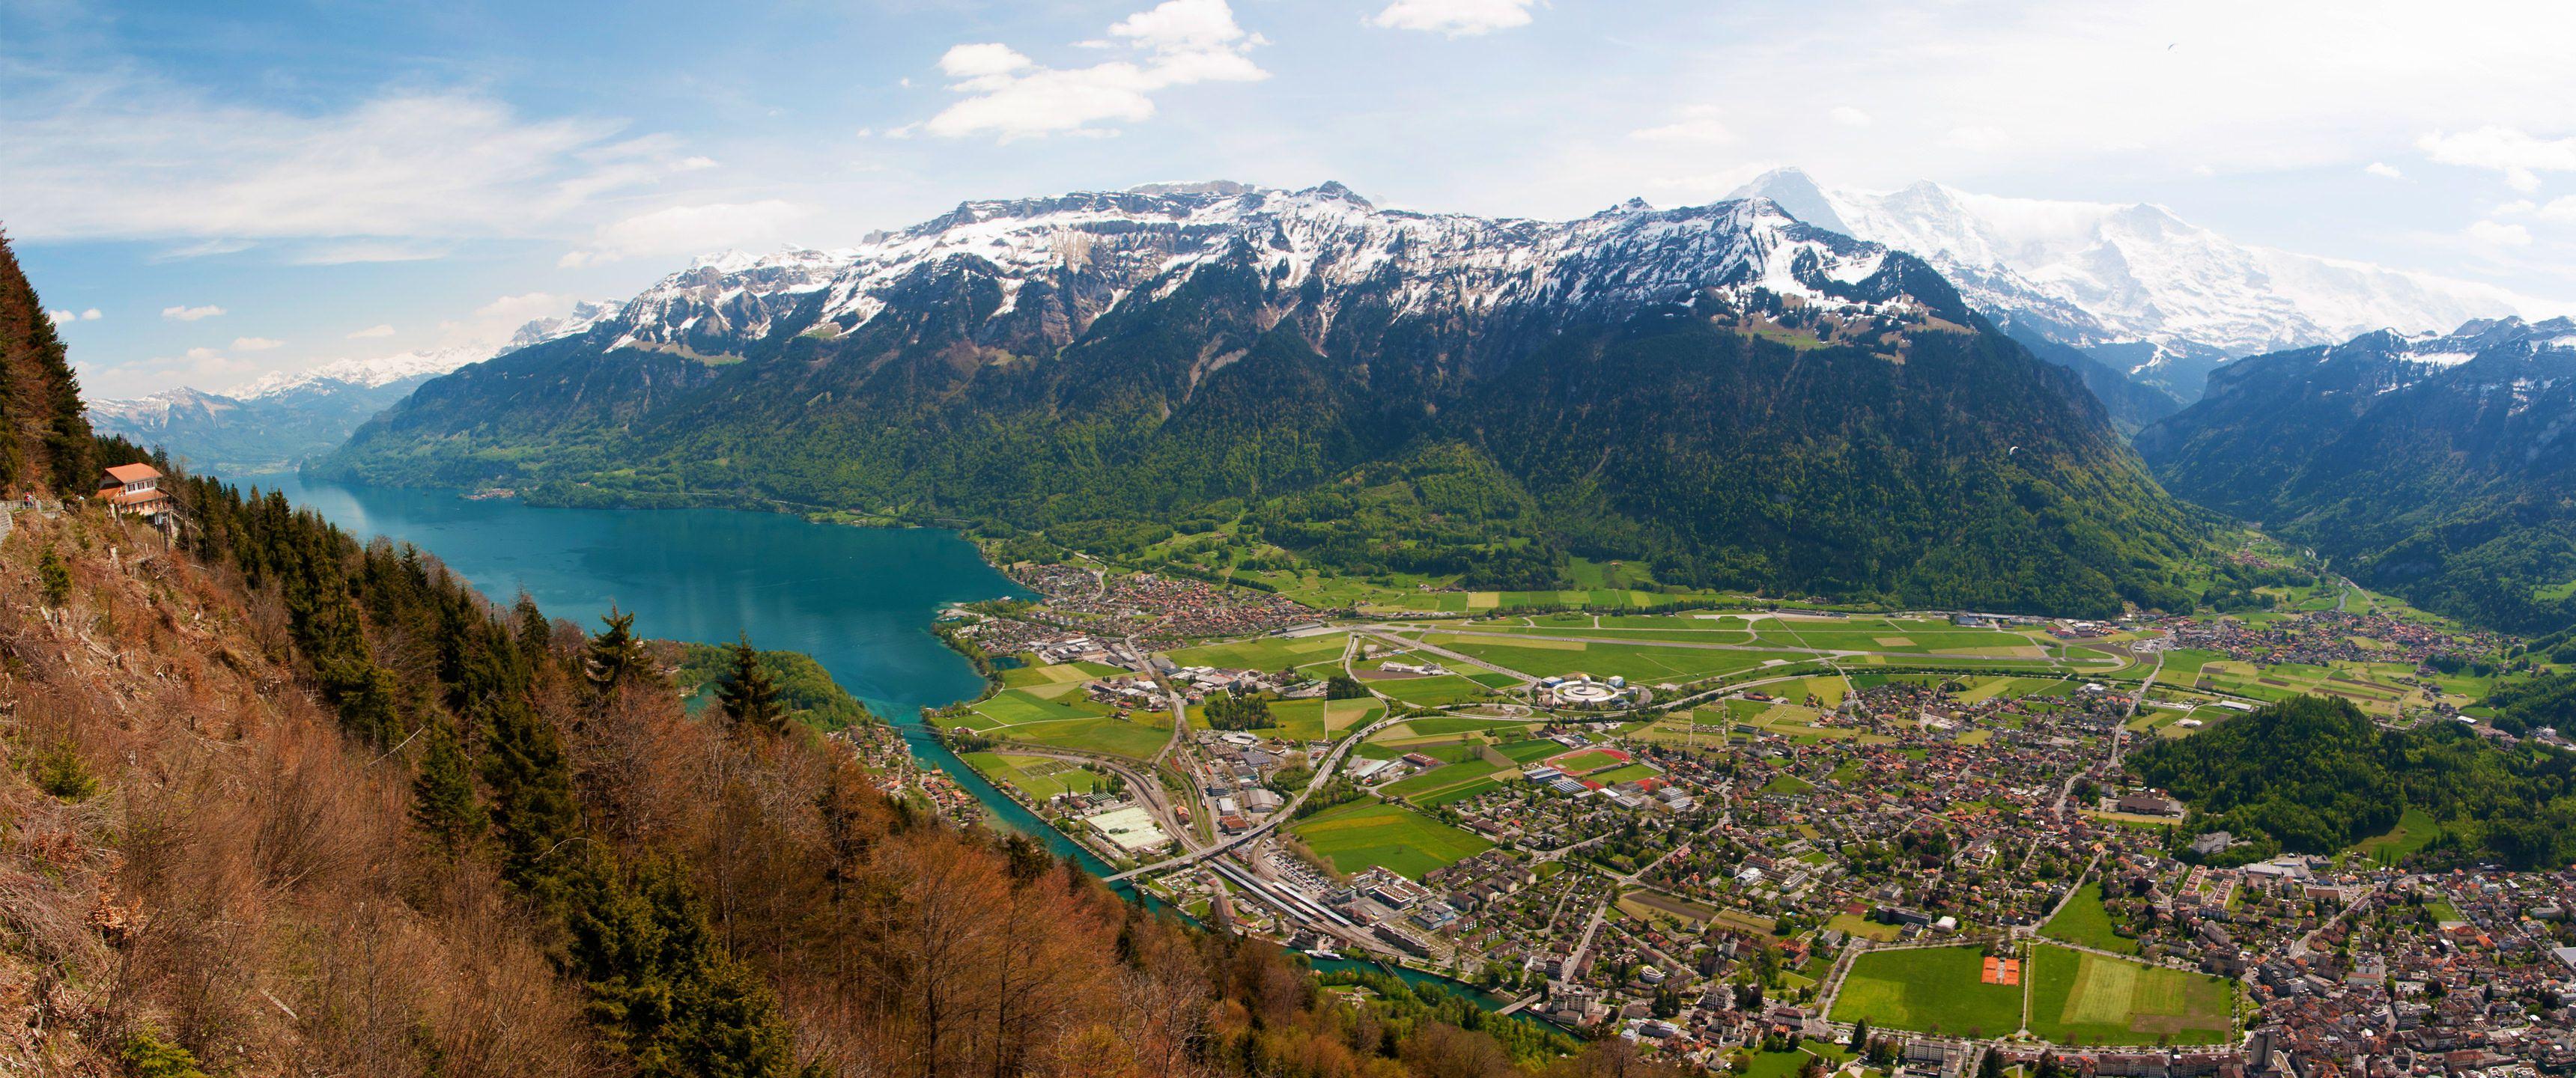 Interlaken   Switzerland   [3440x1440]   [OC] wallpapers 3440x1440